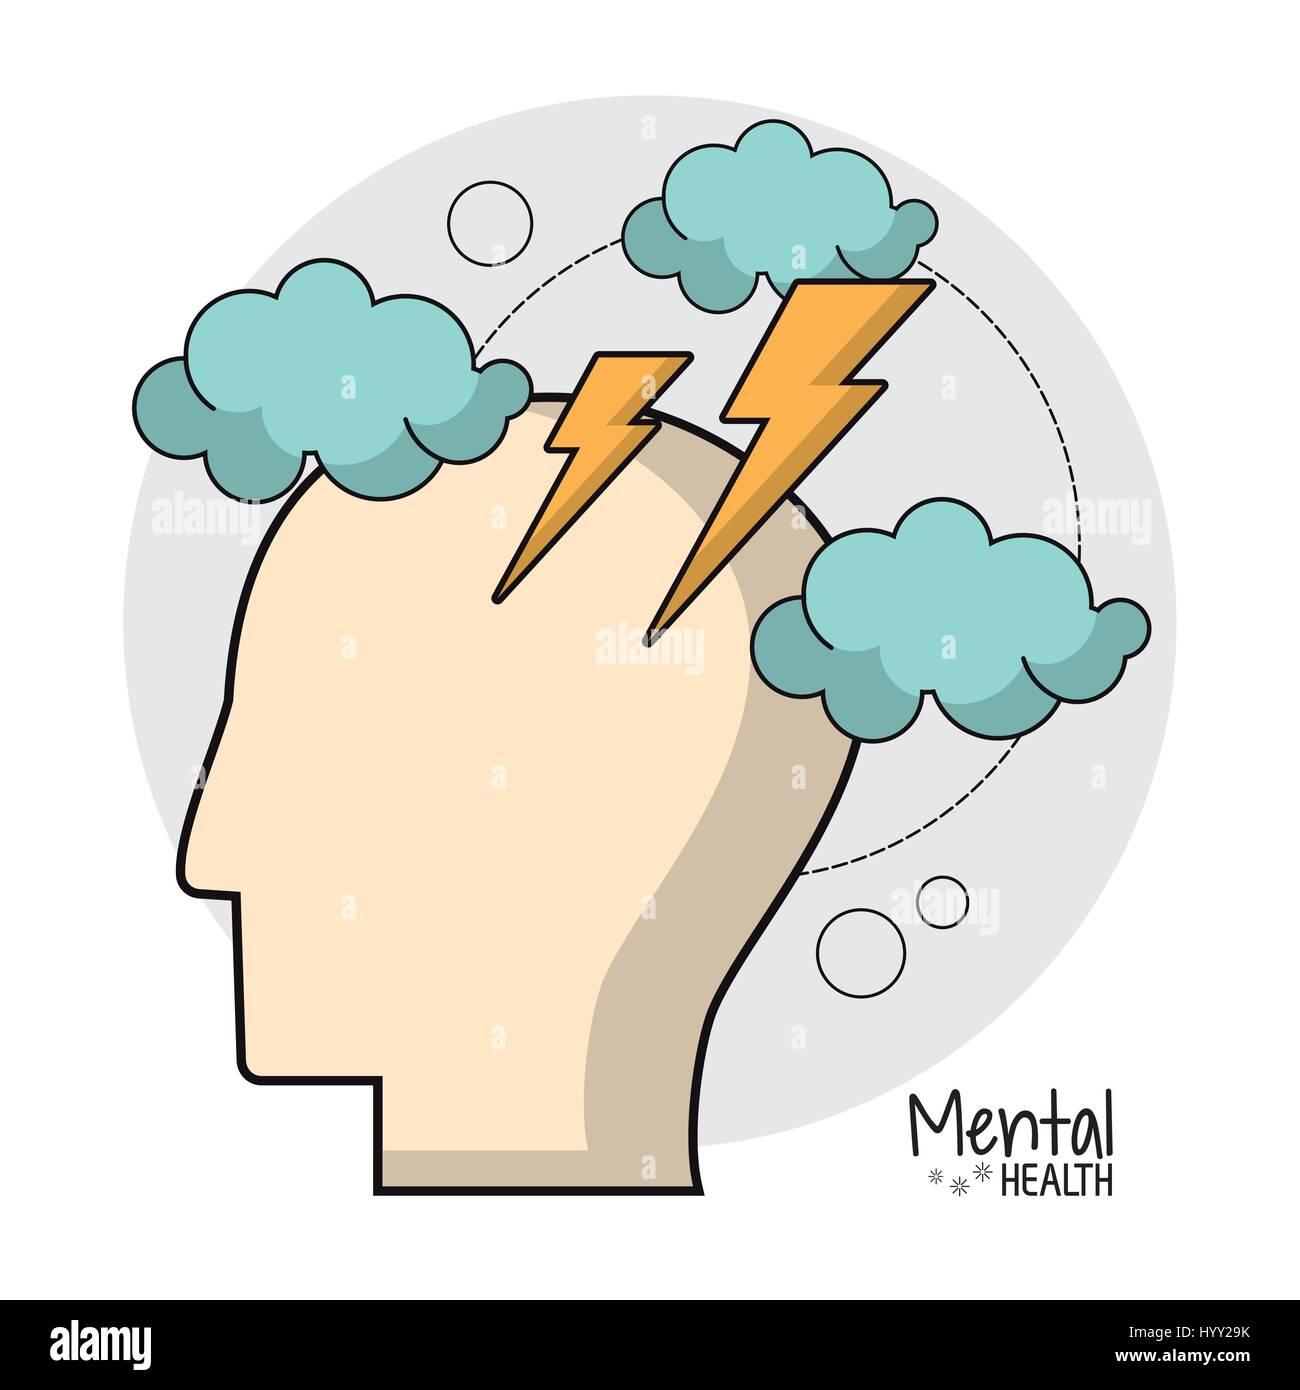 Santé mentale idées brain storm Photo Stock